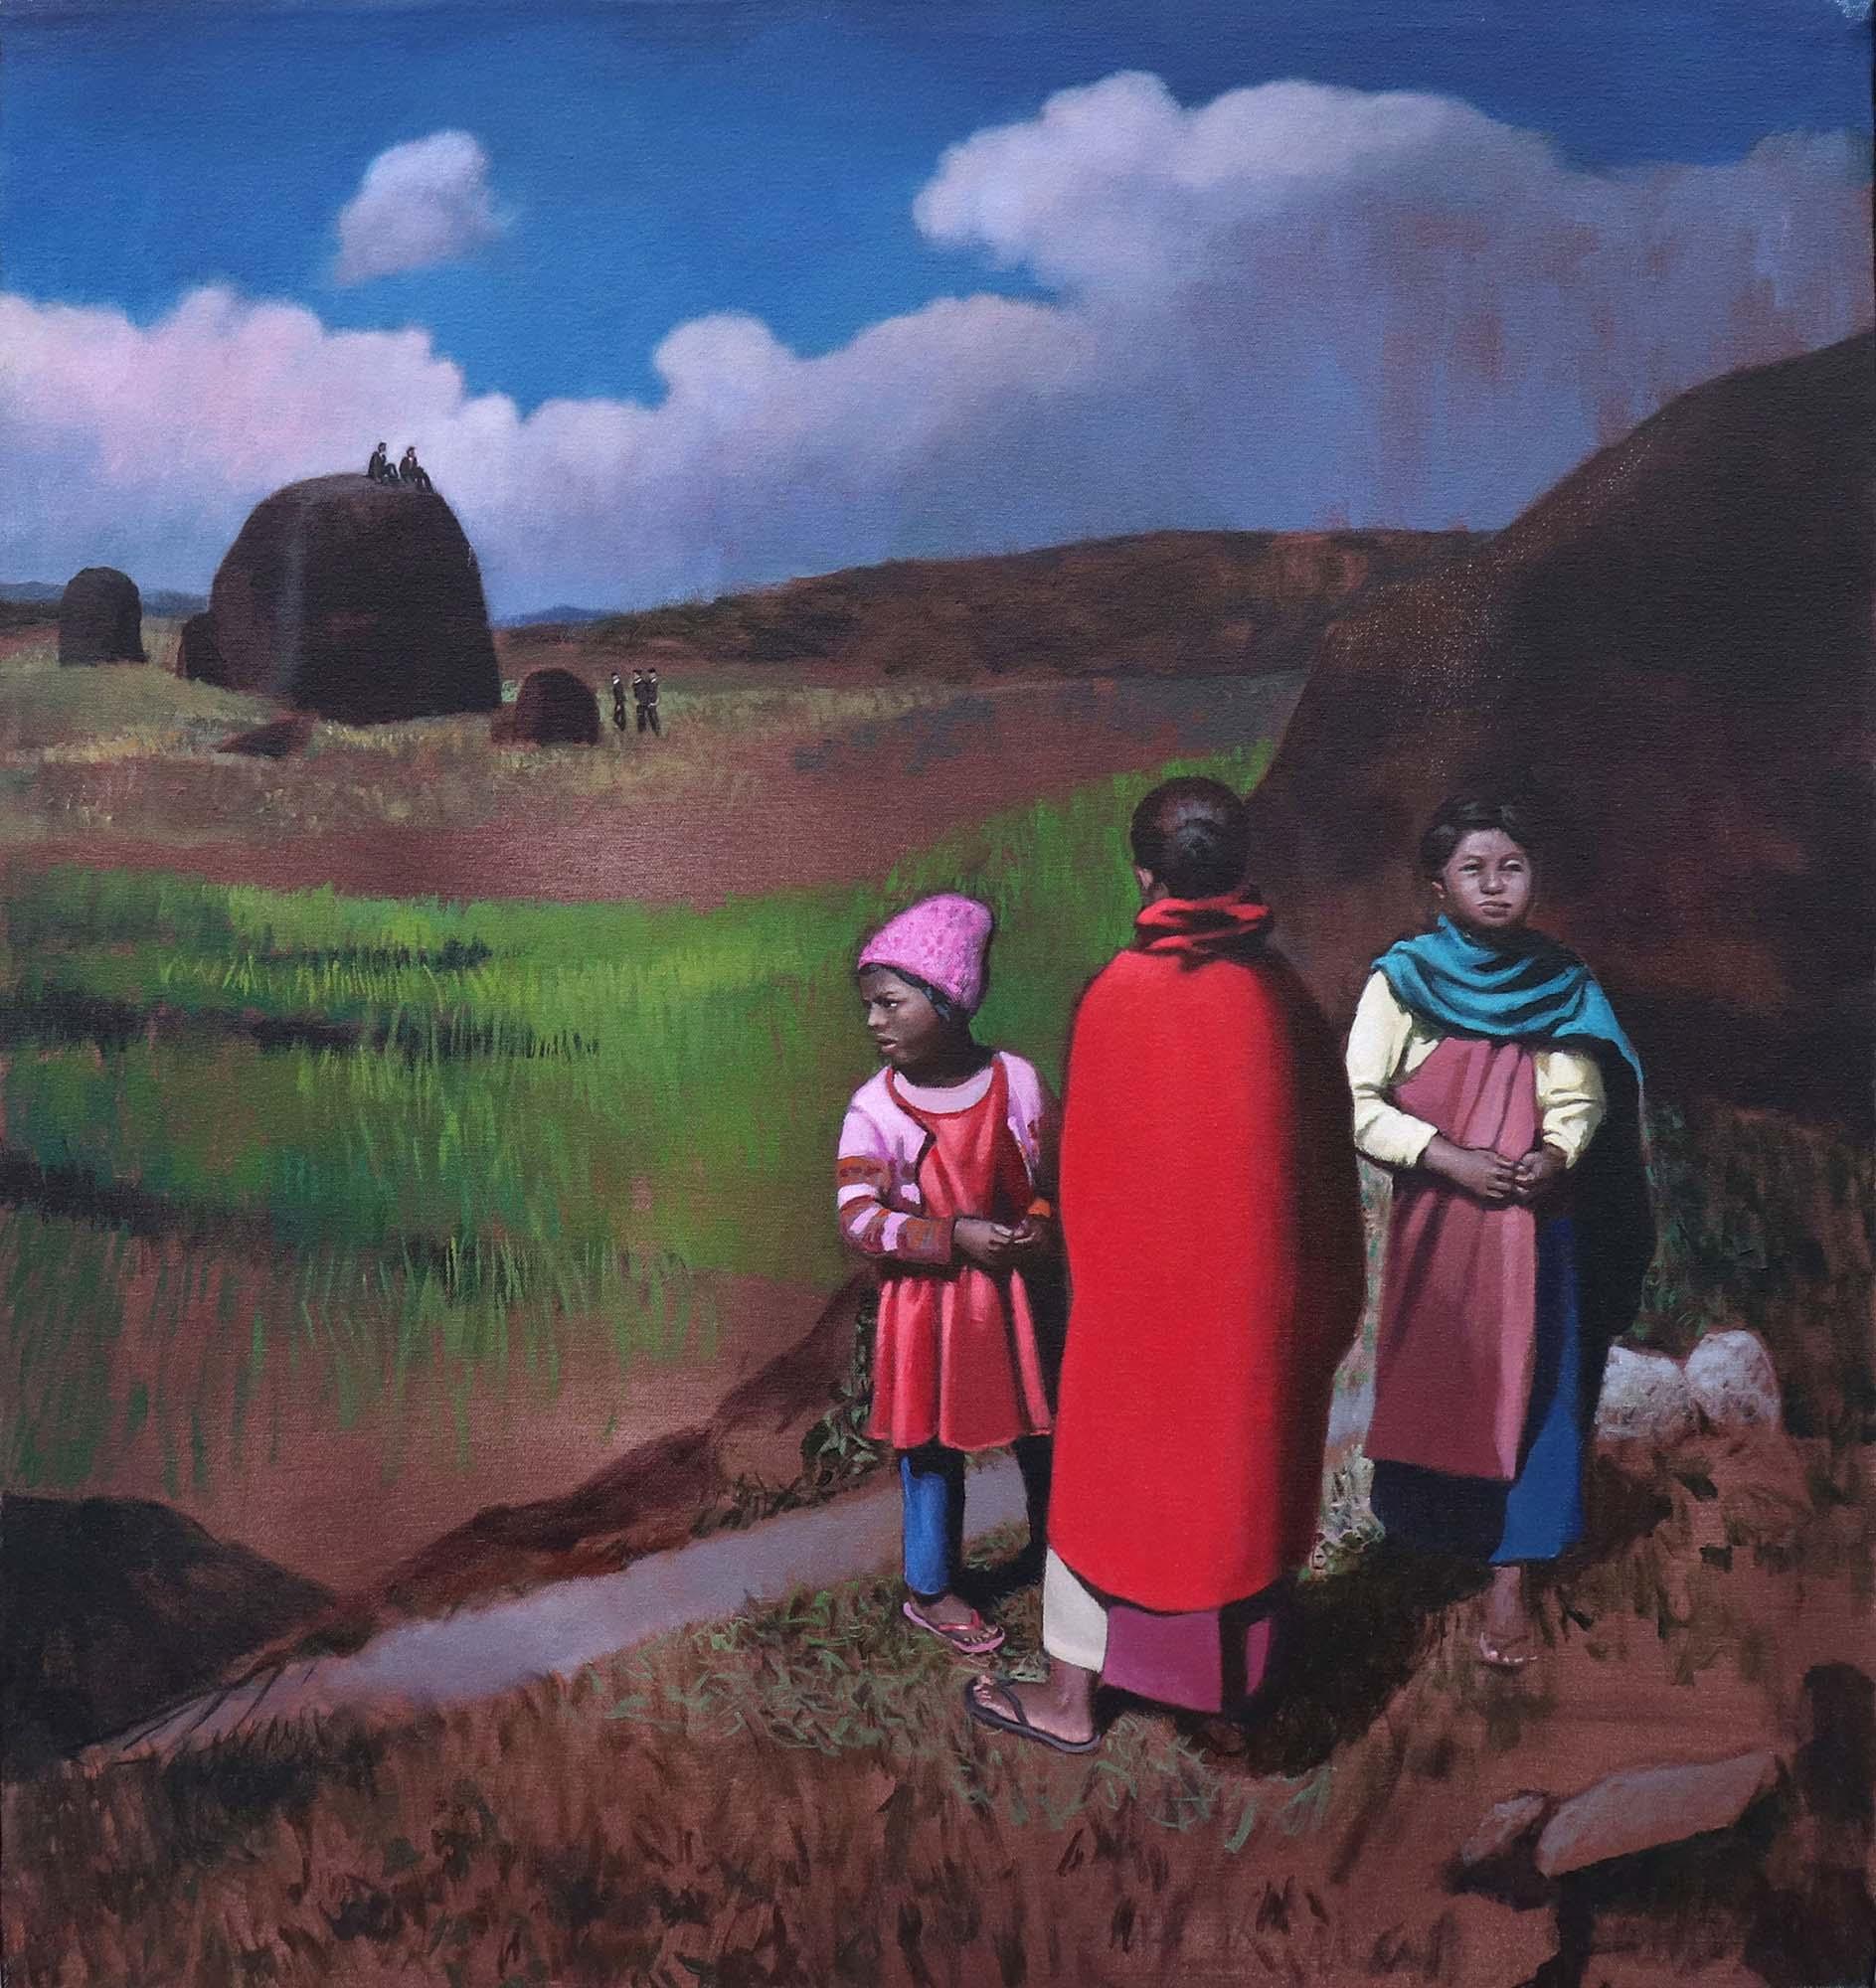 Cristina Megía, The path, Acrylic on canvas, 75 x 70 cm, 2019